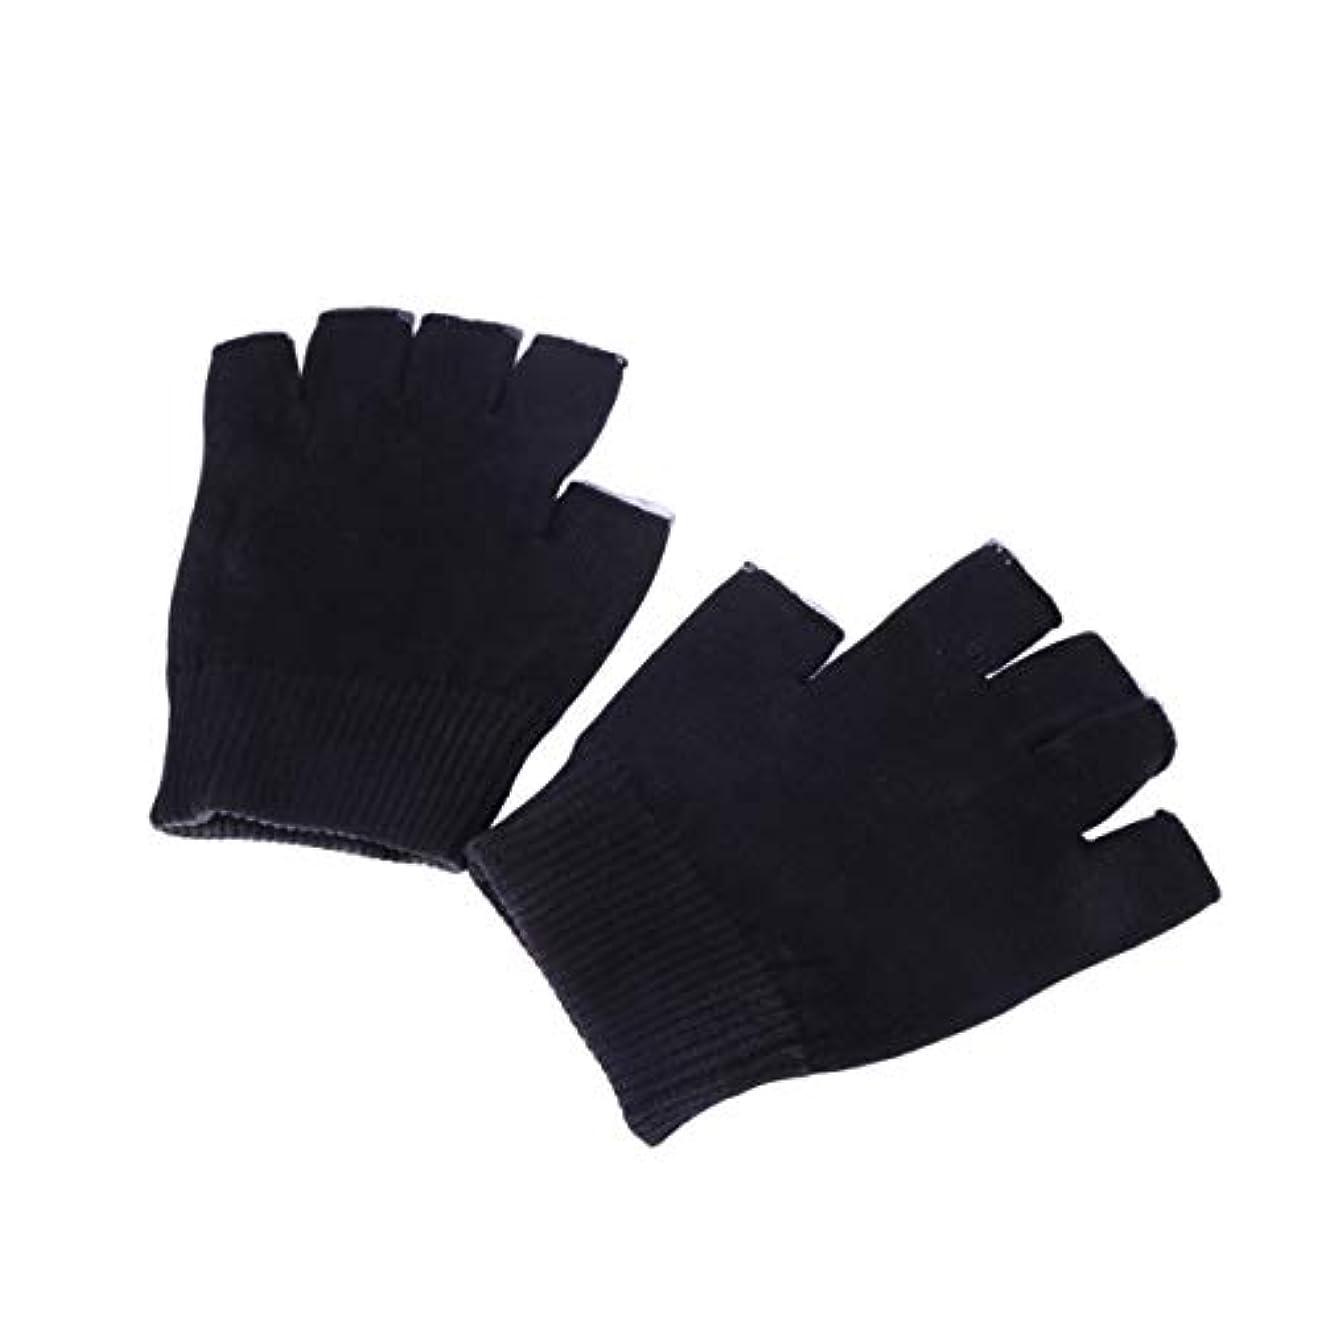 カリキュラムヘッジサワーSUPVOX ハンドケア 手袋 指なし ゲル 保湿 美容成分配合 手荒れ 対策 おやすみ スキンケア グローブ うるおい 保護